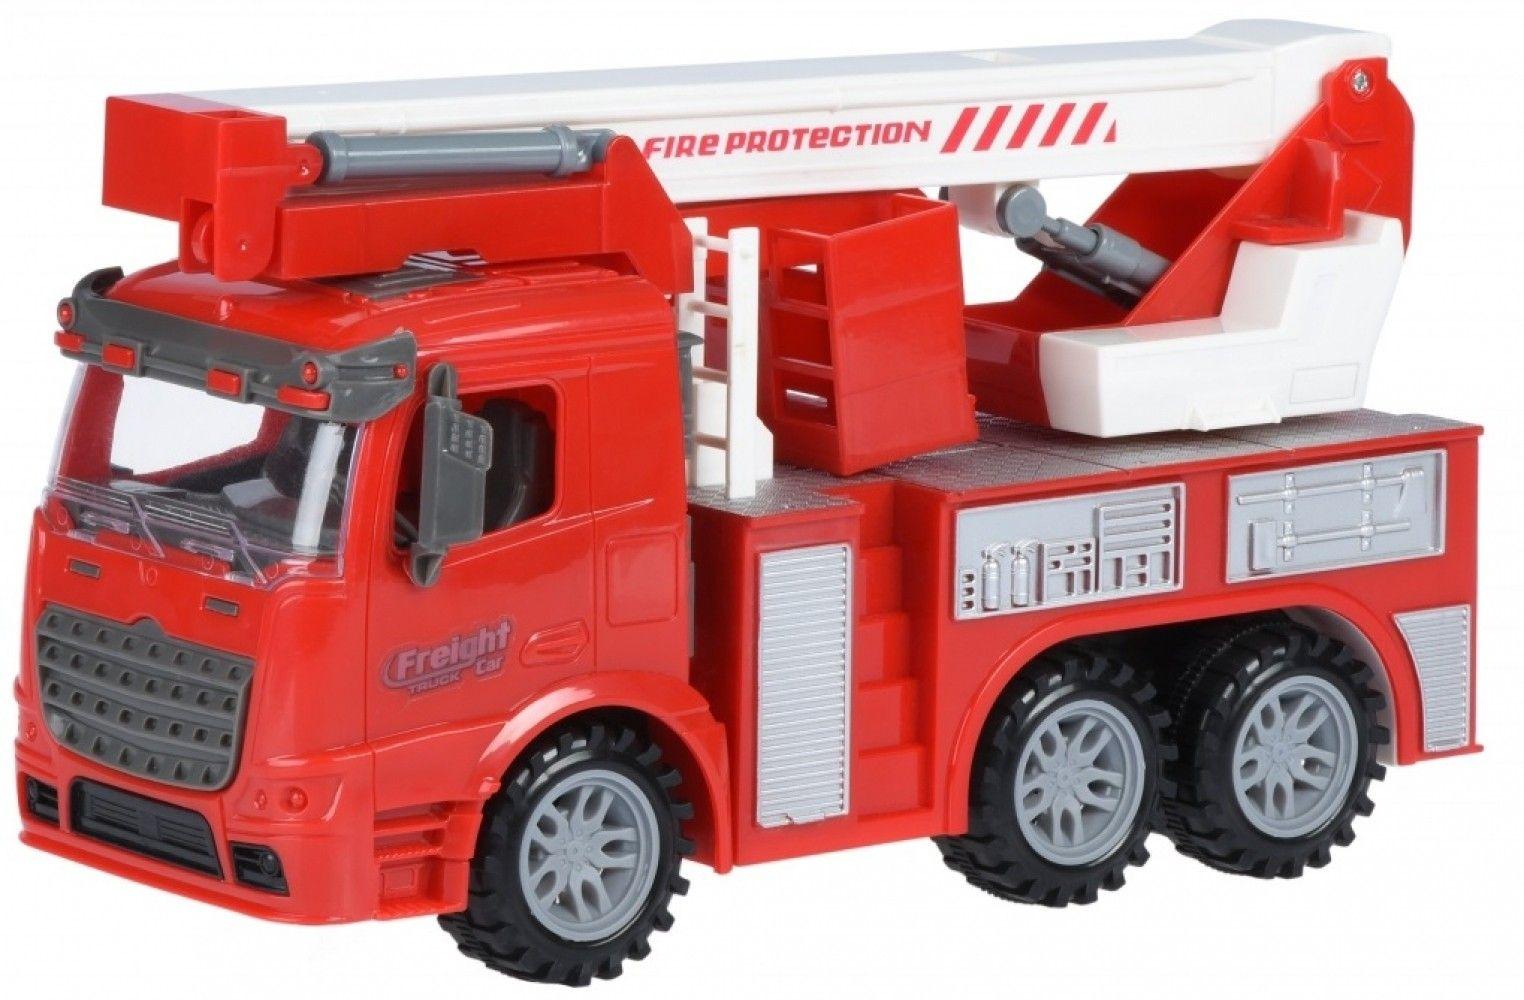 Купить Игрушечные машинки и техника, Машинка Same Toy Truck Пожарная машина с подъемным краном (98-617Ut)